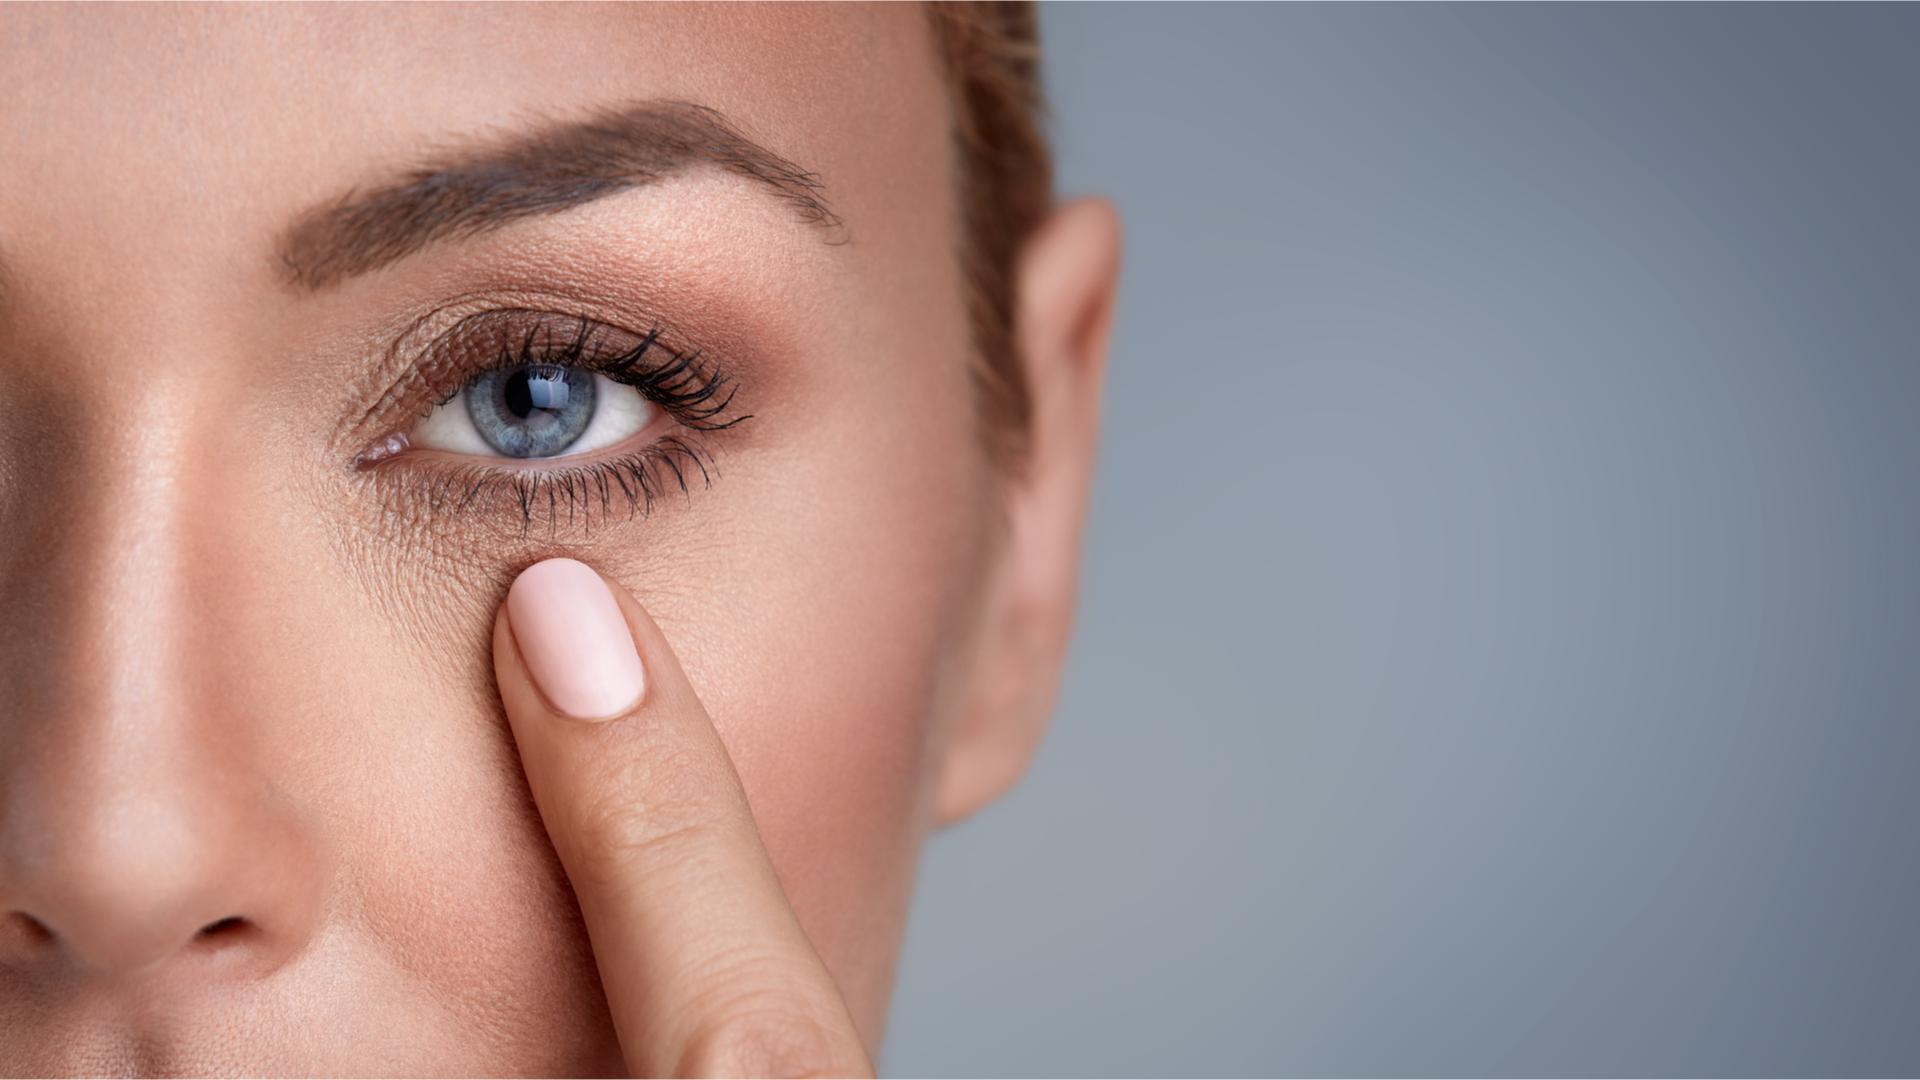 Tutti i segreti del trattamento occhi con iniezioni a base di acido ialuronico.